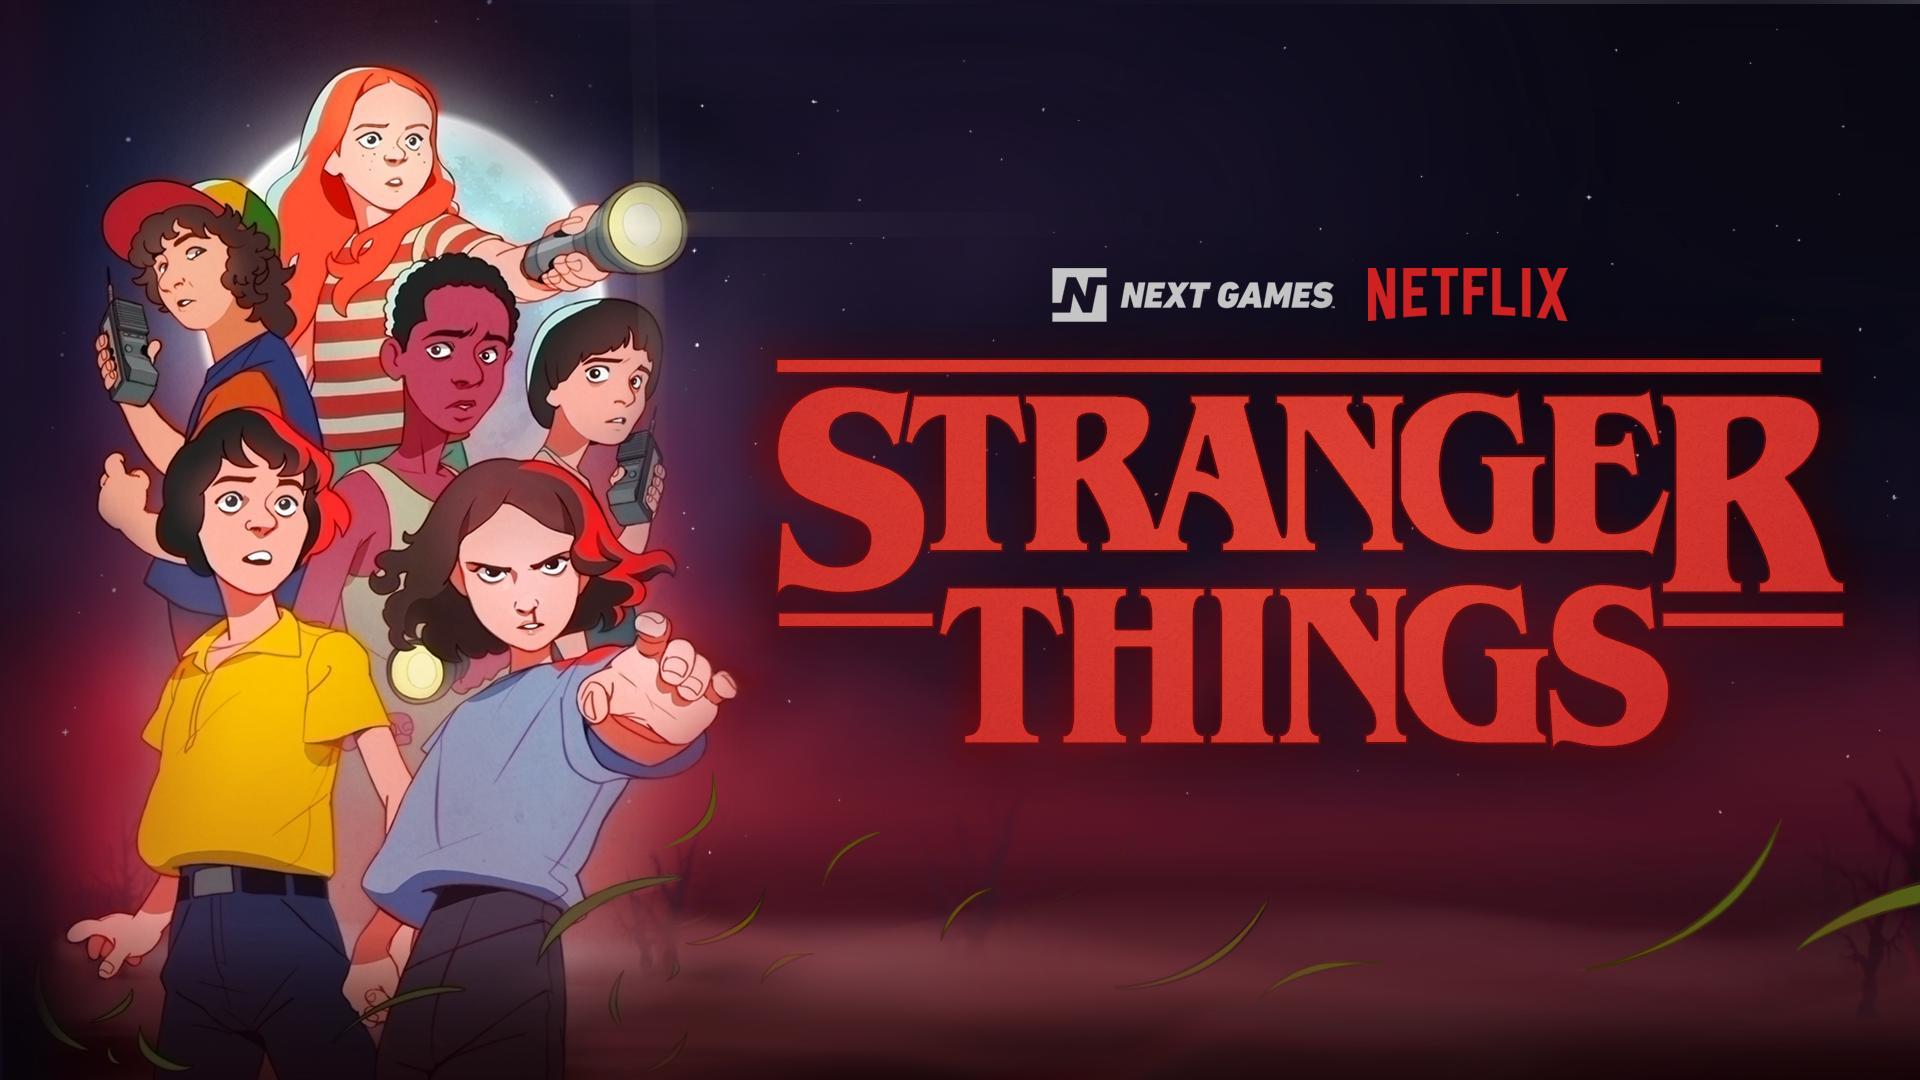 Stranger Things | Netflix anuncia novo jogo baseado na série